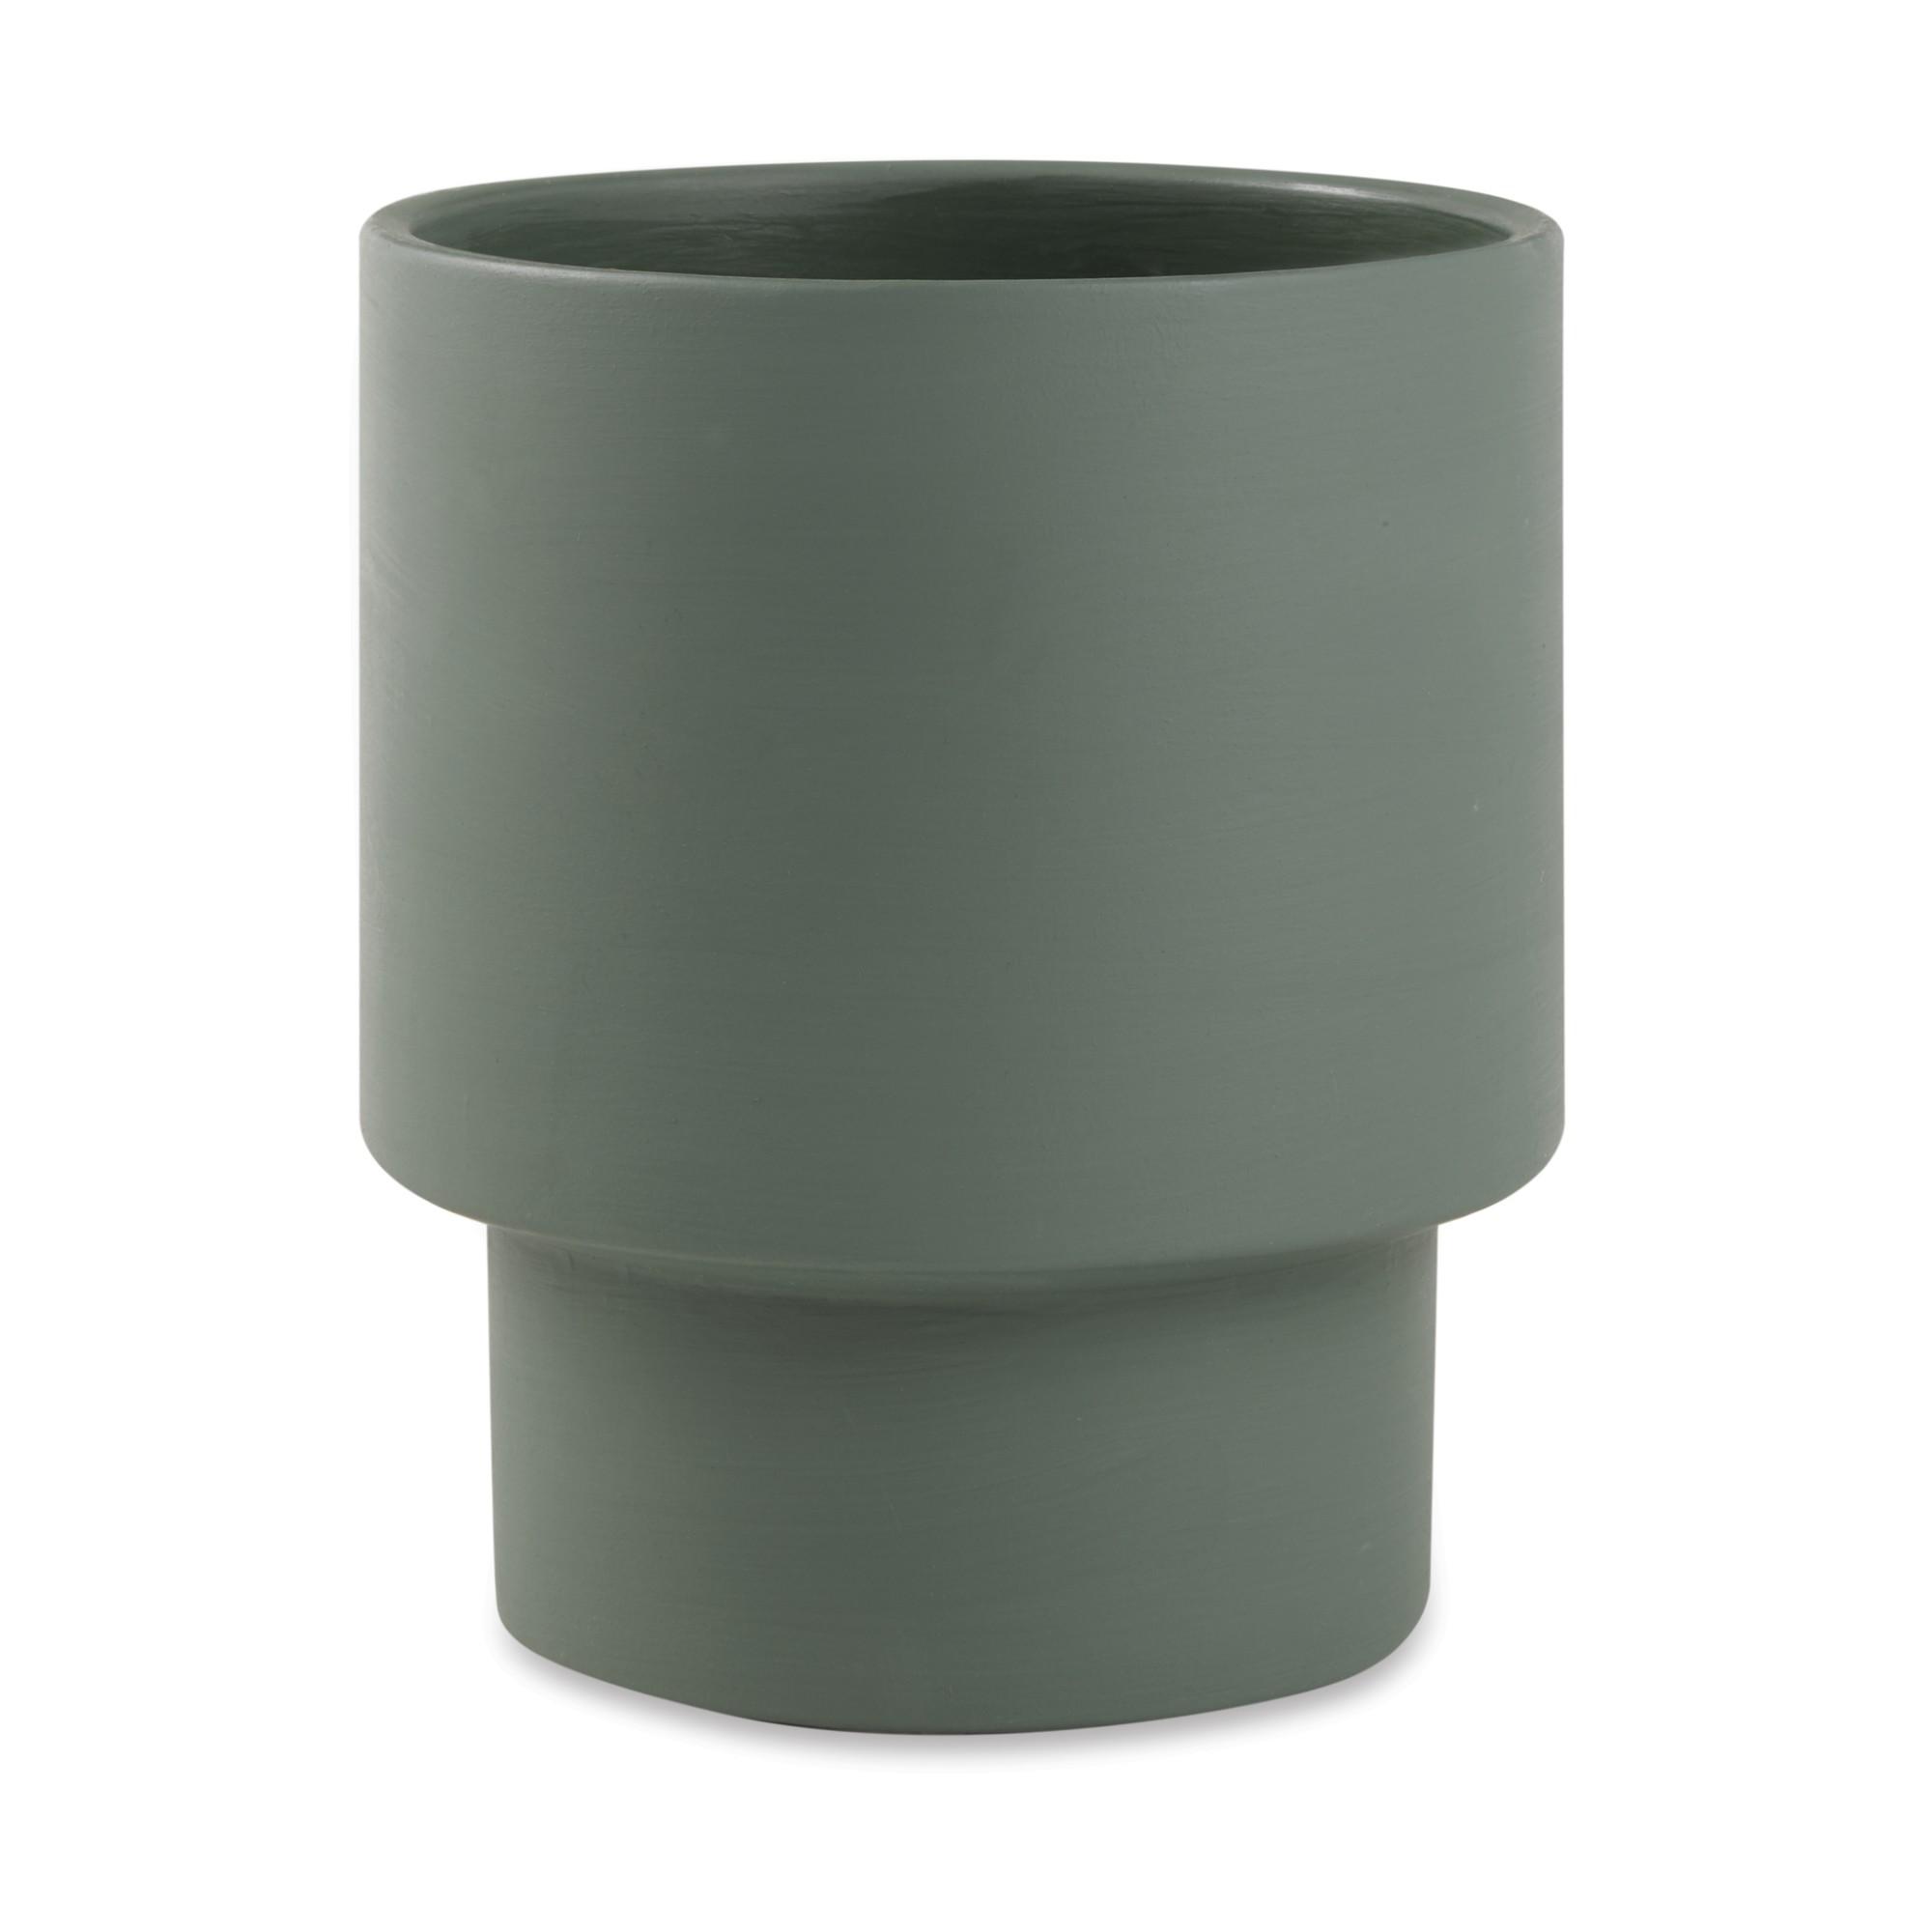 Cachepot Cimento Verde 195x17 cm 12331 - Mart Decor